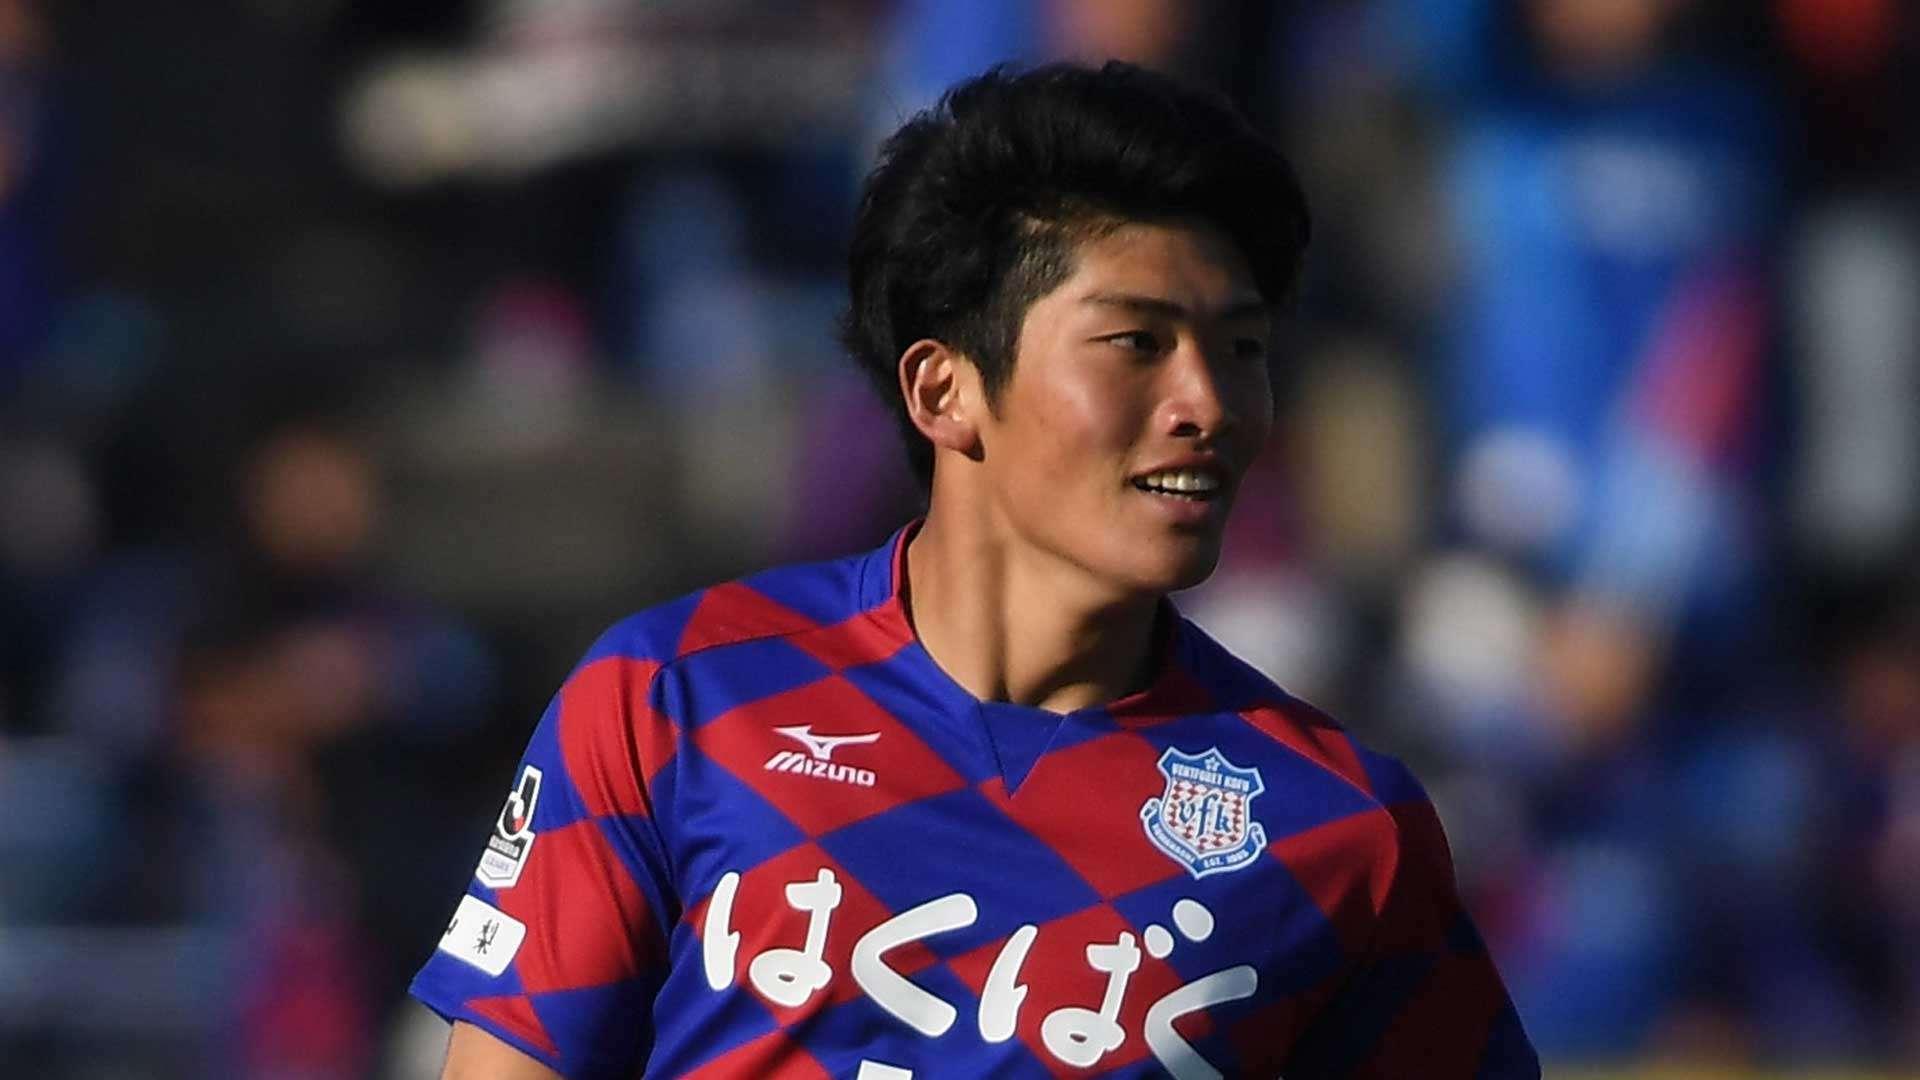 J1甲府・道渕諒平が女性への暴行容疑で逮捕 クラブが発表 23日に都内で